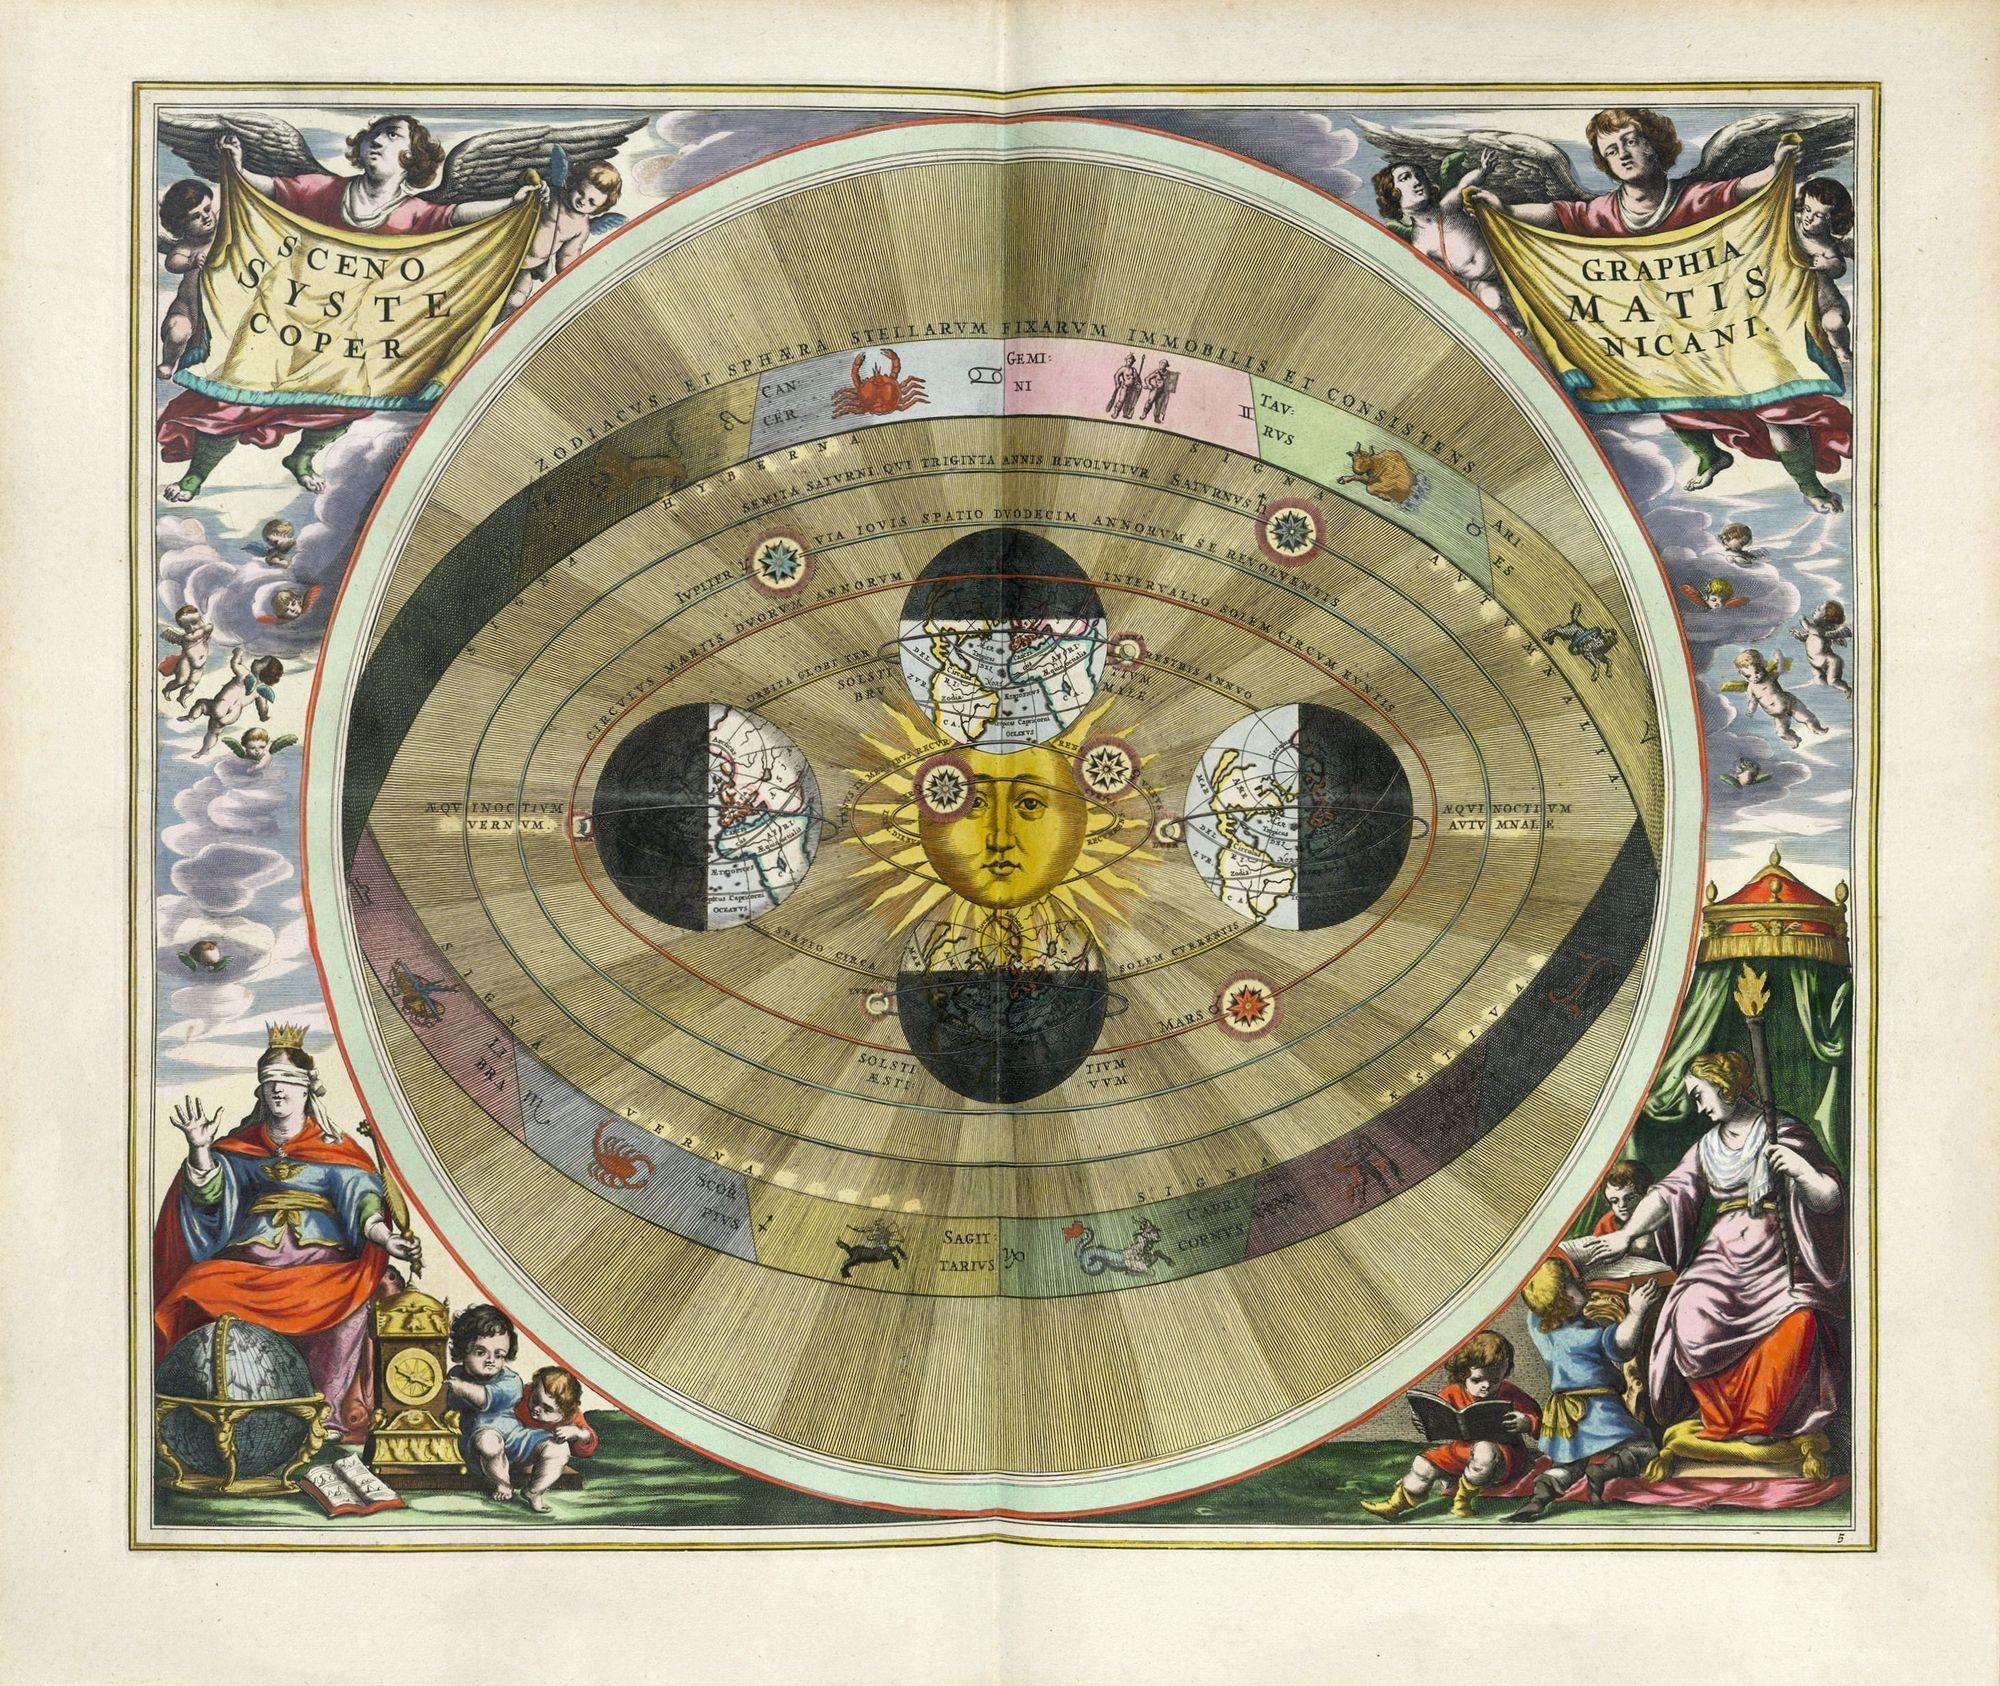 Le système de Copernic, gravure dans Harmonia macrocosmica de Andreas Cellarius, 1660, 28 x 47 cm, BnF, Paris.